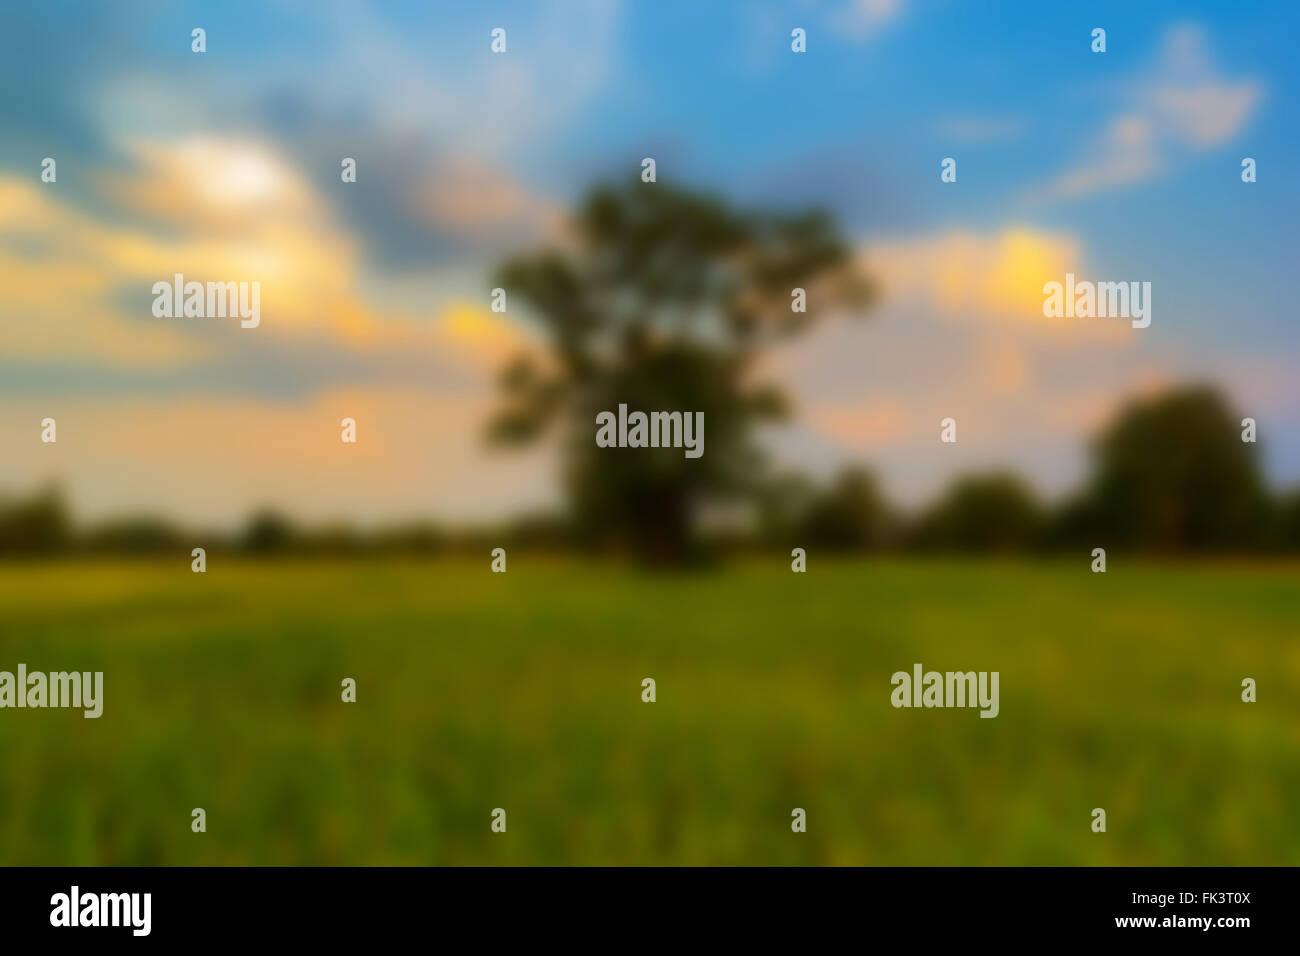 Resumen fondo desenfocado paisaje shot arrozal y solitario árbol ...